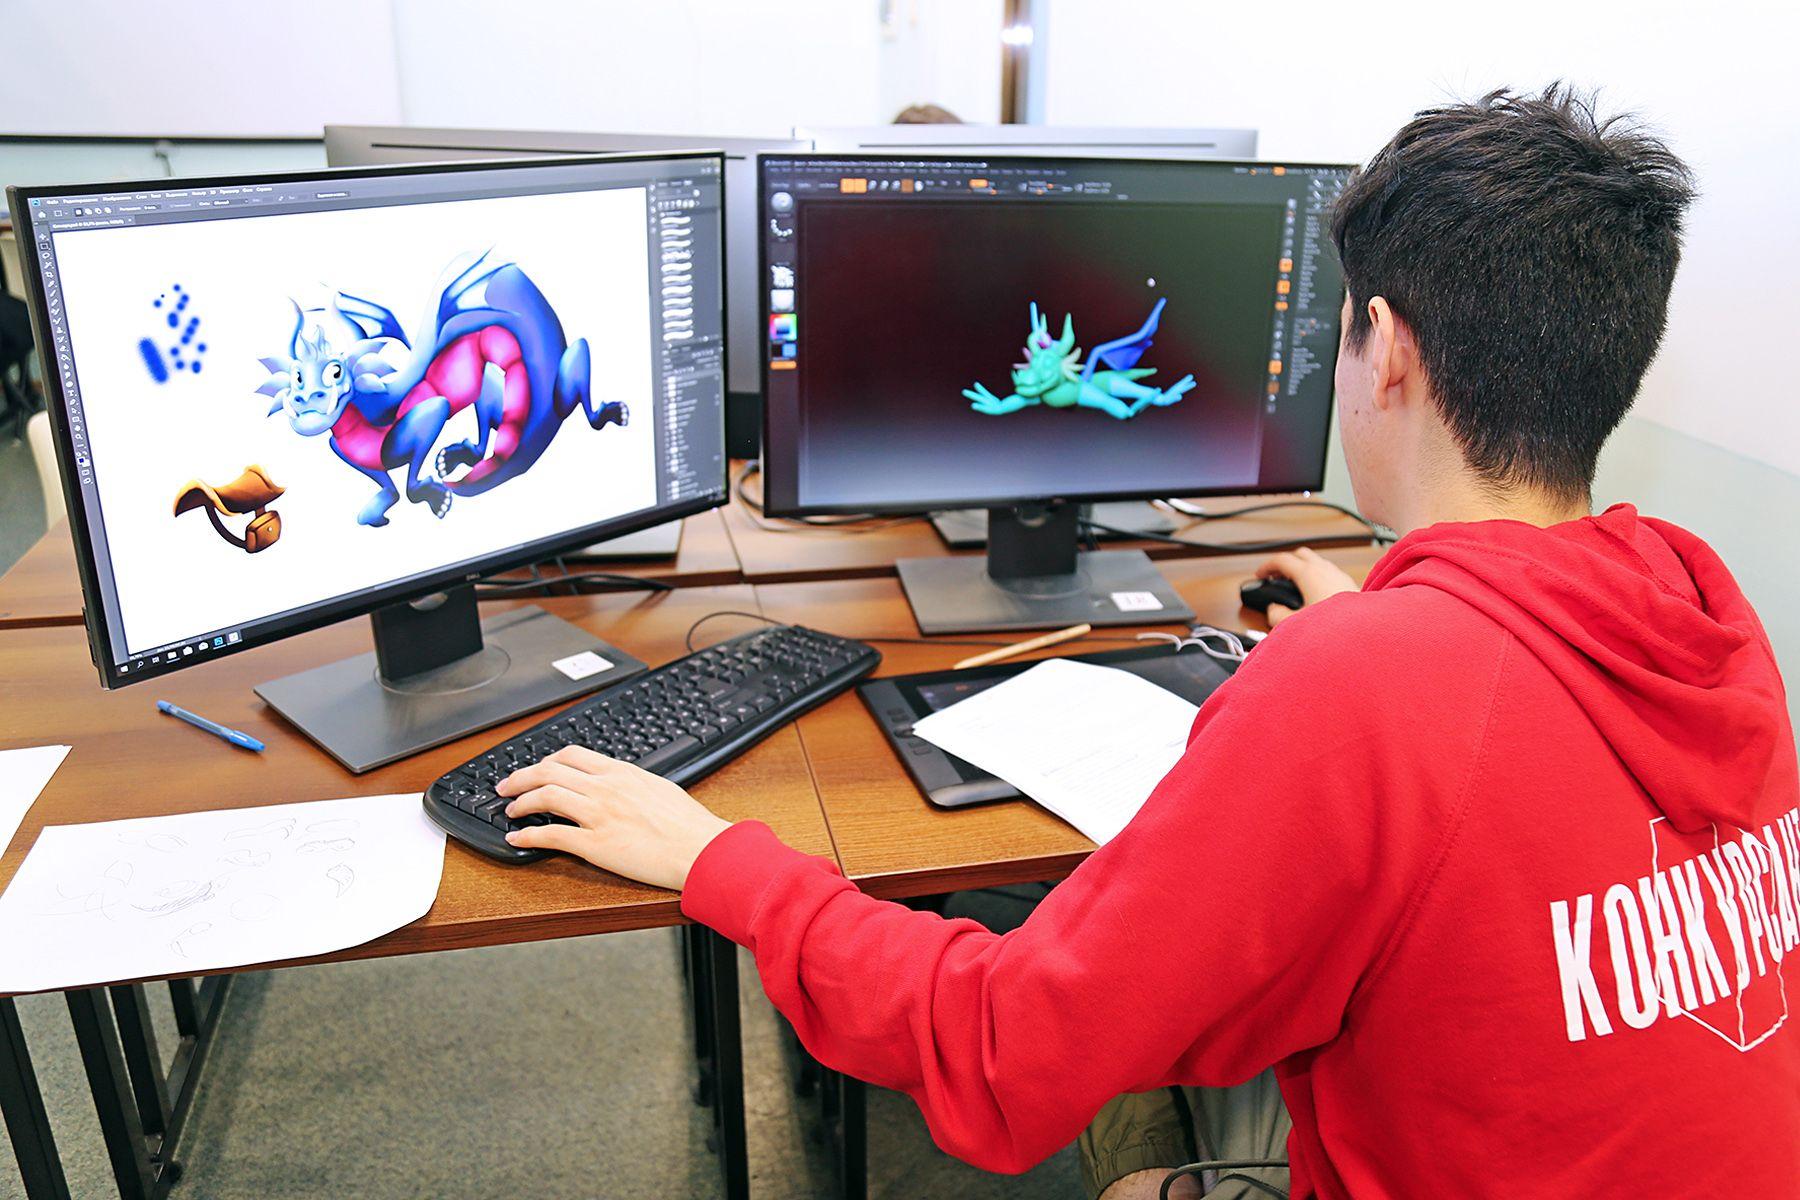 Создатели драконов: компетенция «3D моделирование для компьютерных игр» чемпионата «Молодые профессионалы» во ВГУЭС